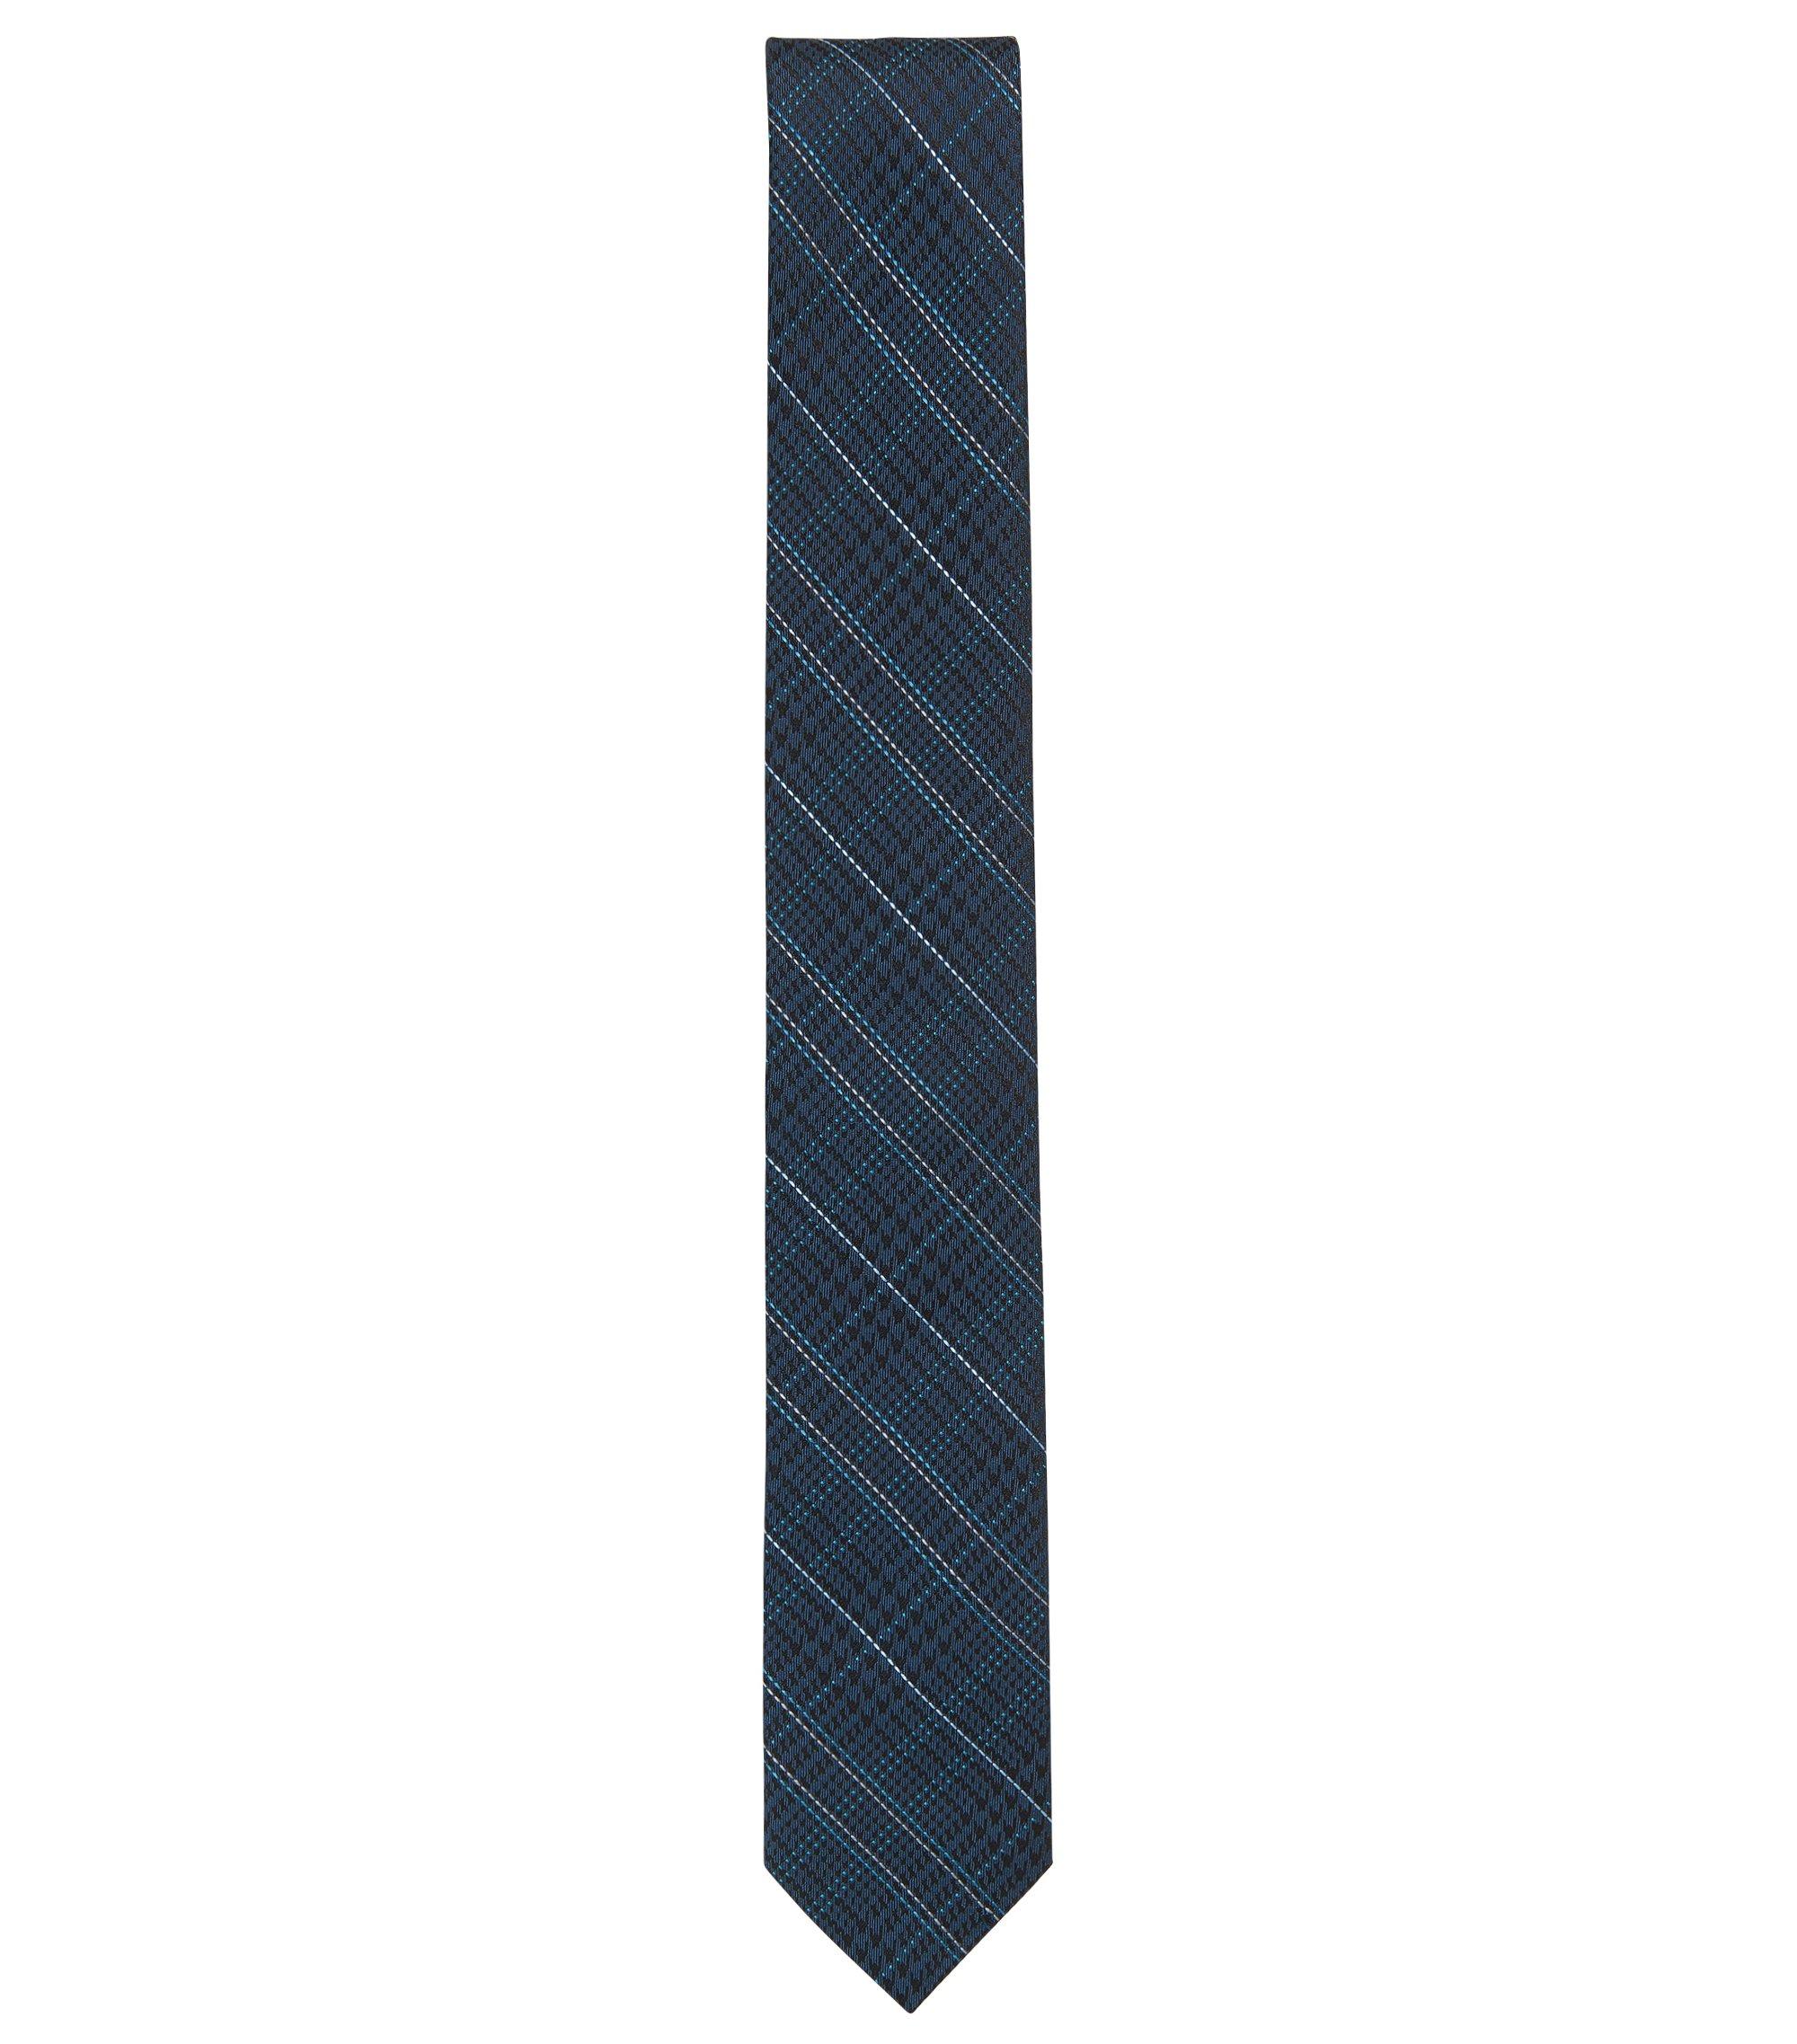 Cravatta principe di Galles in jacquard di seta, Blu scuro